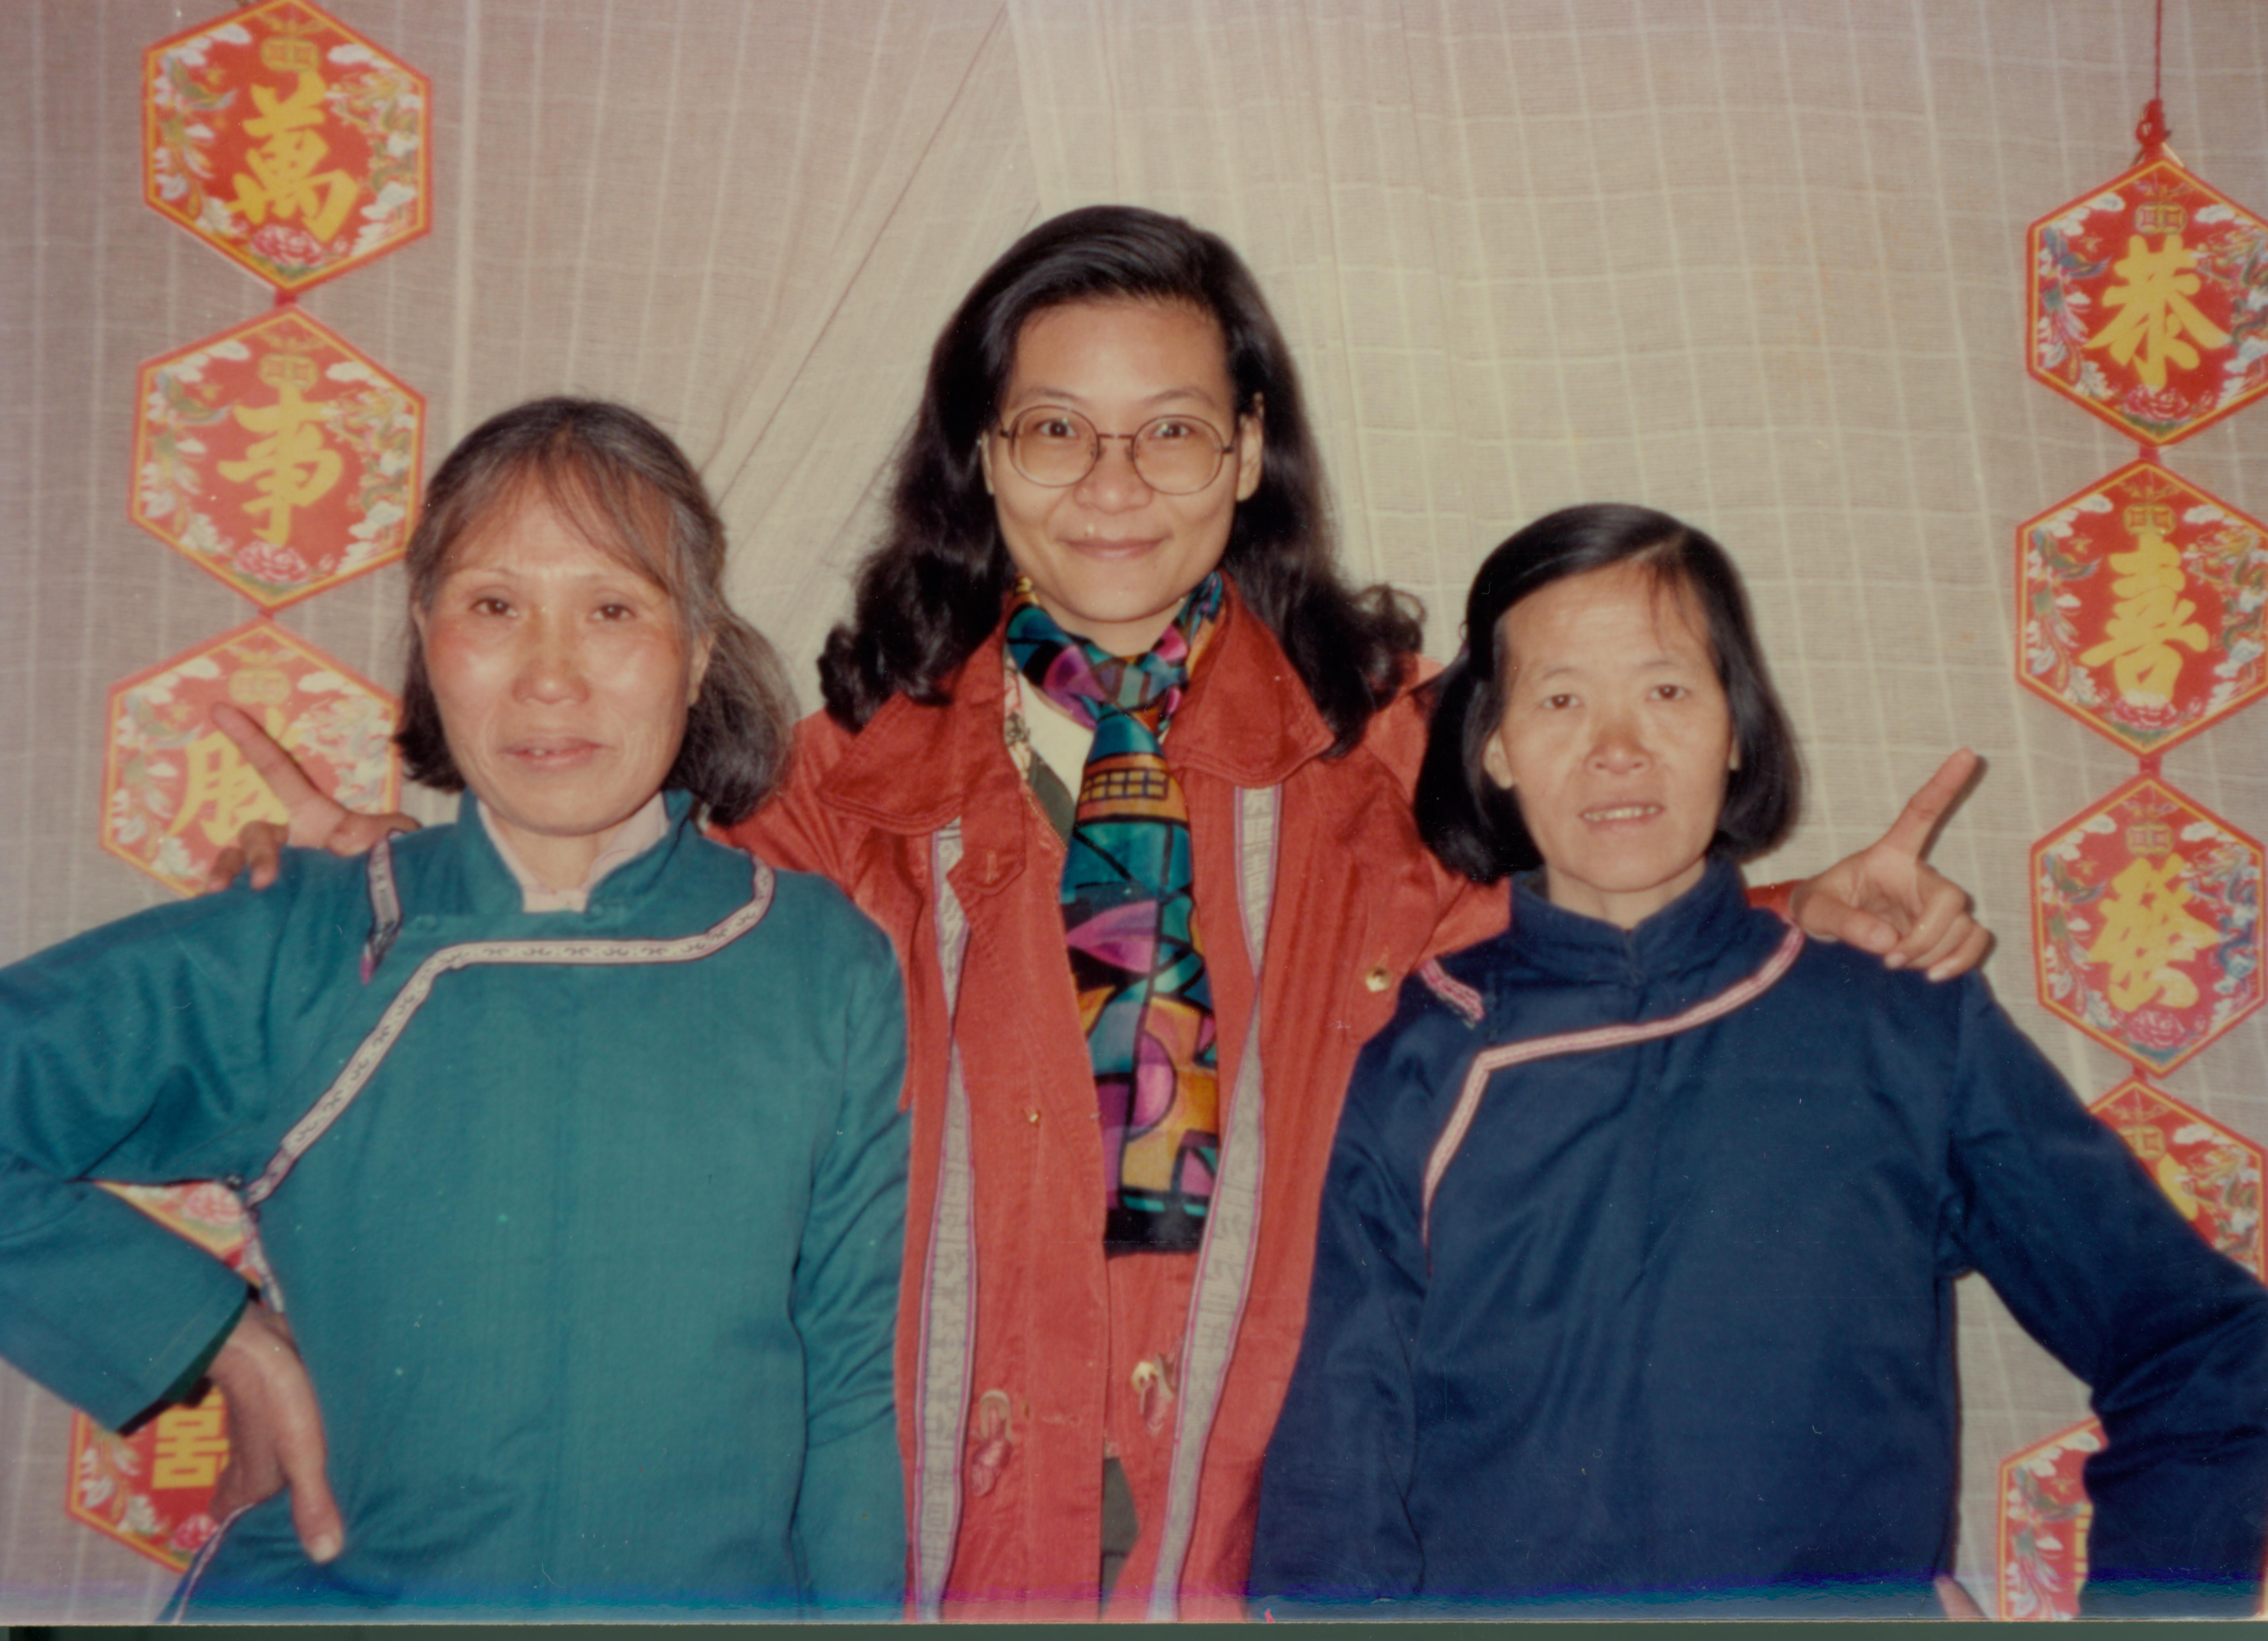 一位是臺灣人類學家,兩位中國農村婦女(左一為何豔新,右一為龍玉),原本相隔千里、毫無關係,因為女書讓她們牽繫起姊妹緣分,直至今日。圖│劉斐玟